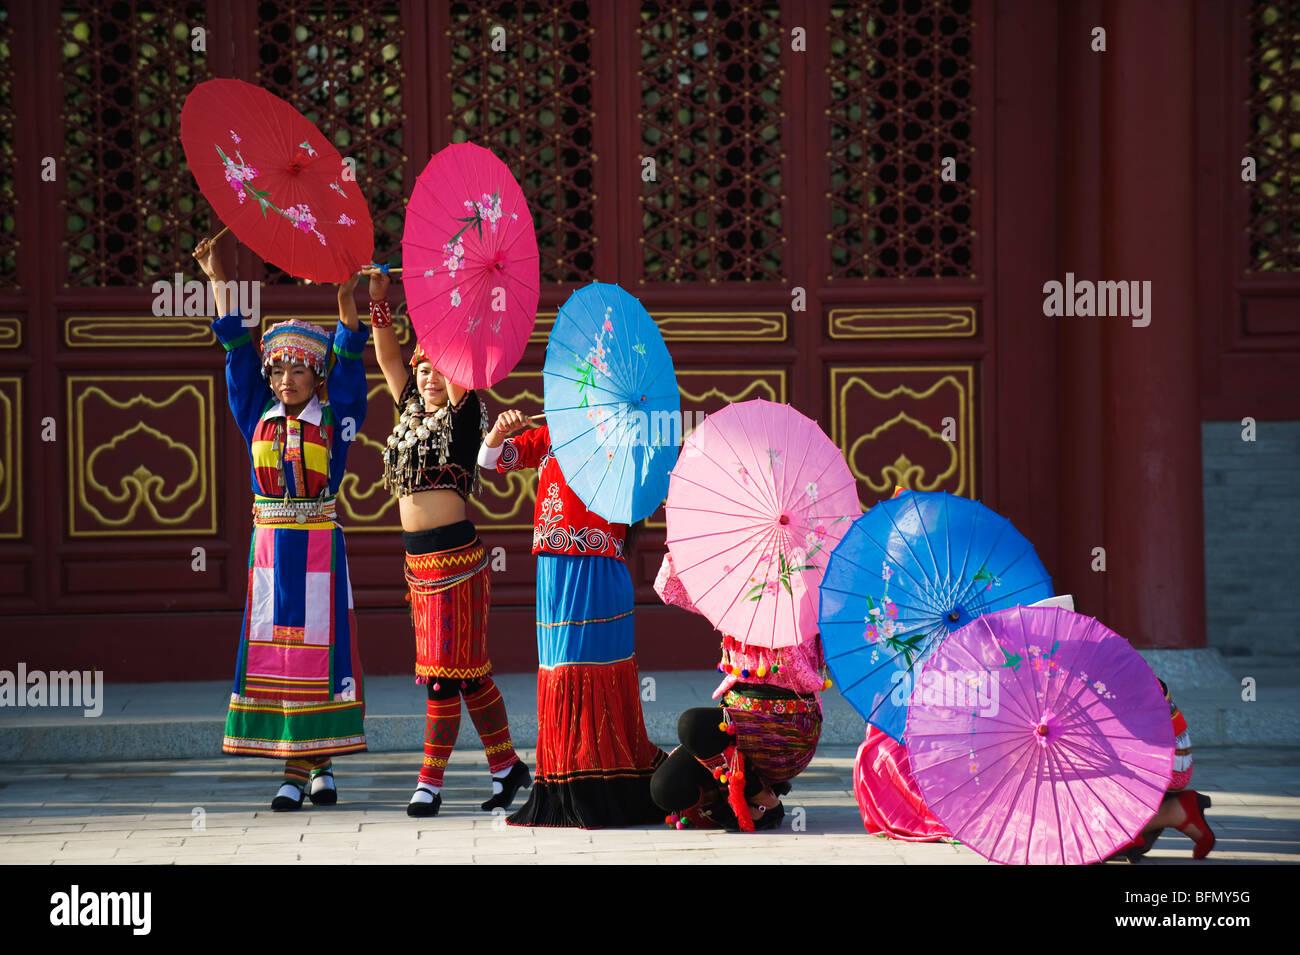 China, Beijing, Parque de las minorías étnicas, las niñas bailando con sombrillas Imagen De Stock